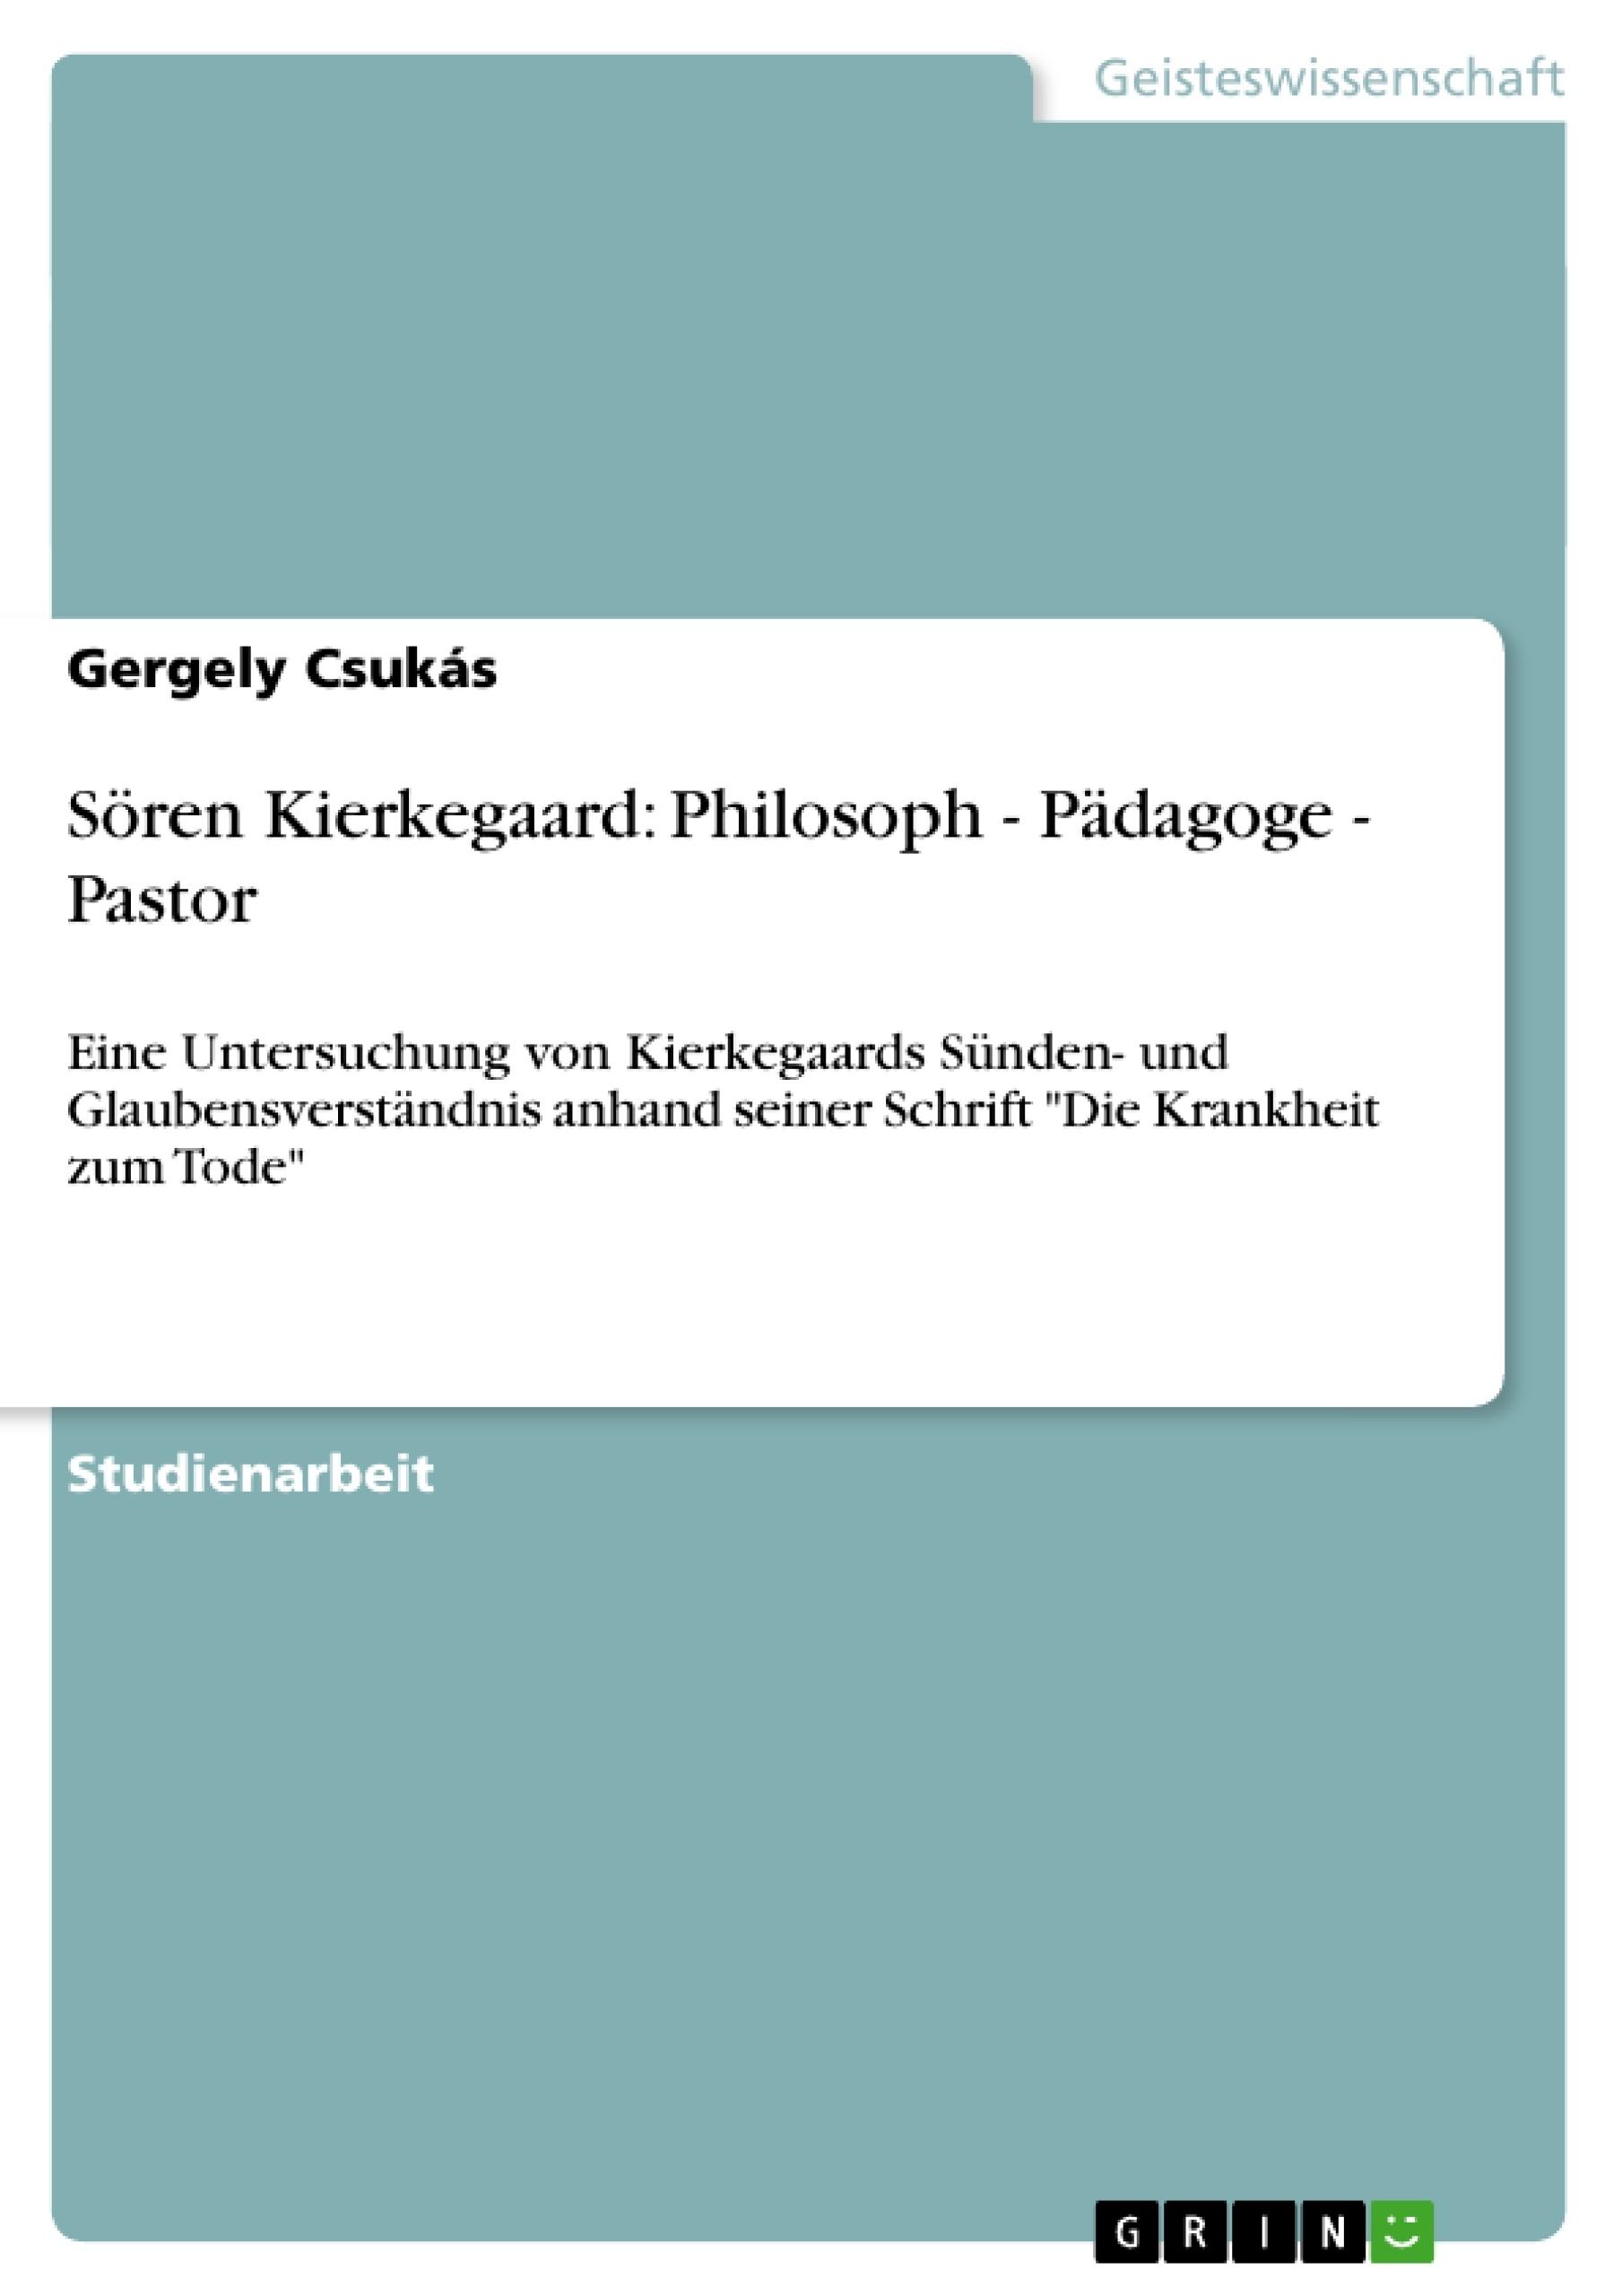 Titel: Sören Kierkegaard: Philosoph - Pädagoge - Pastor